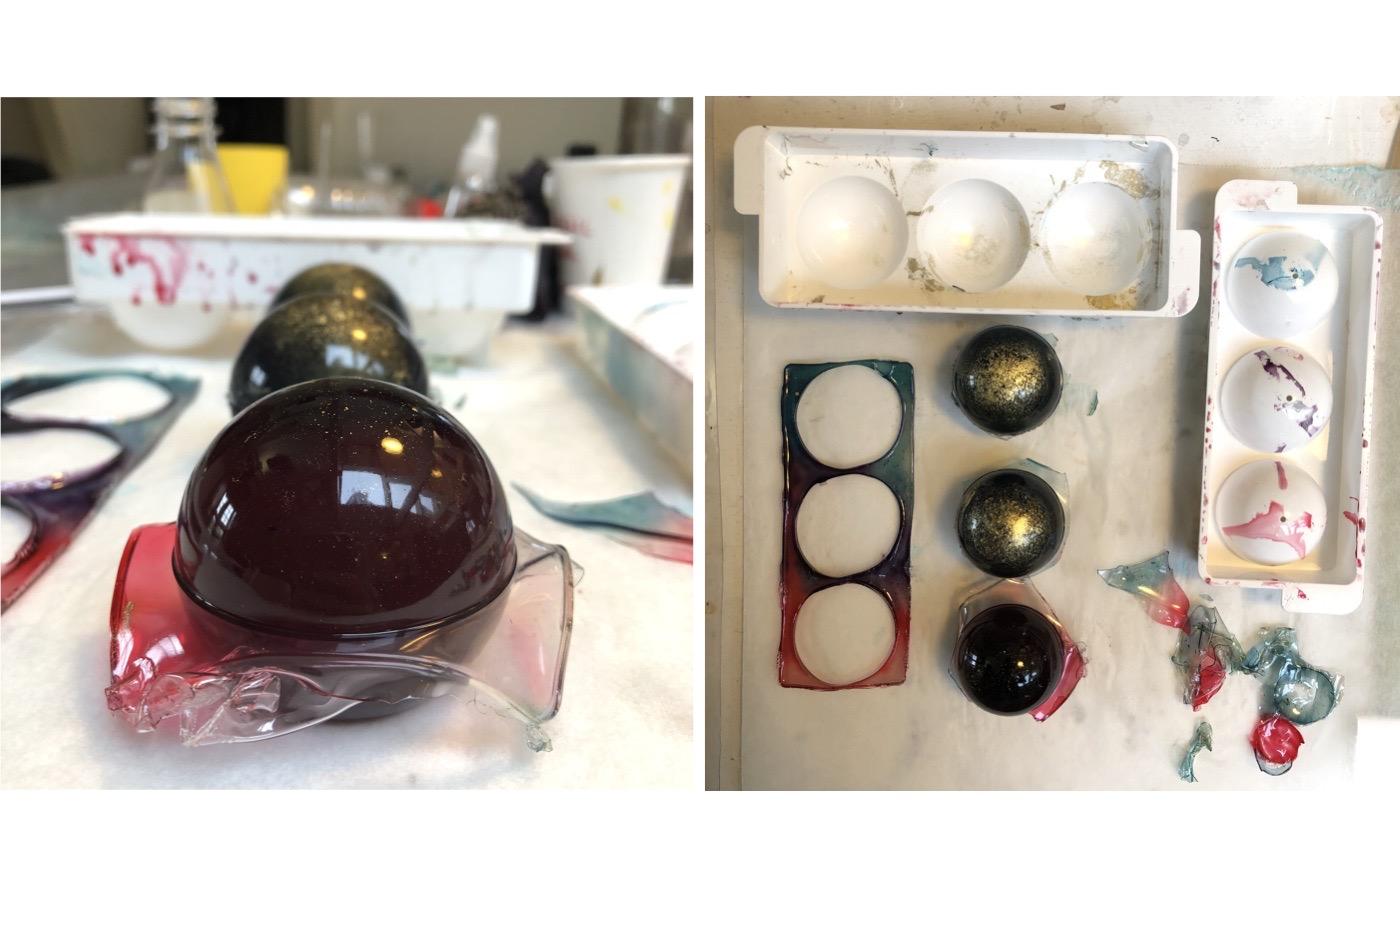 gelatine-biosilicone-balls